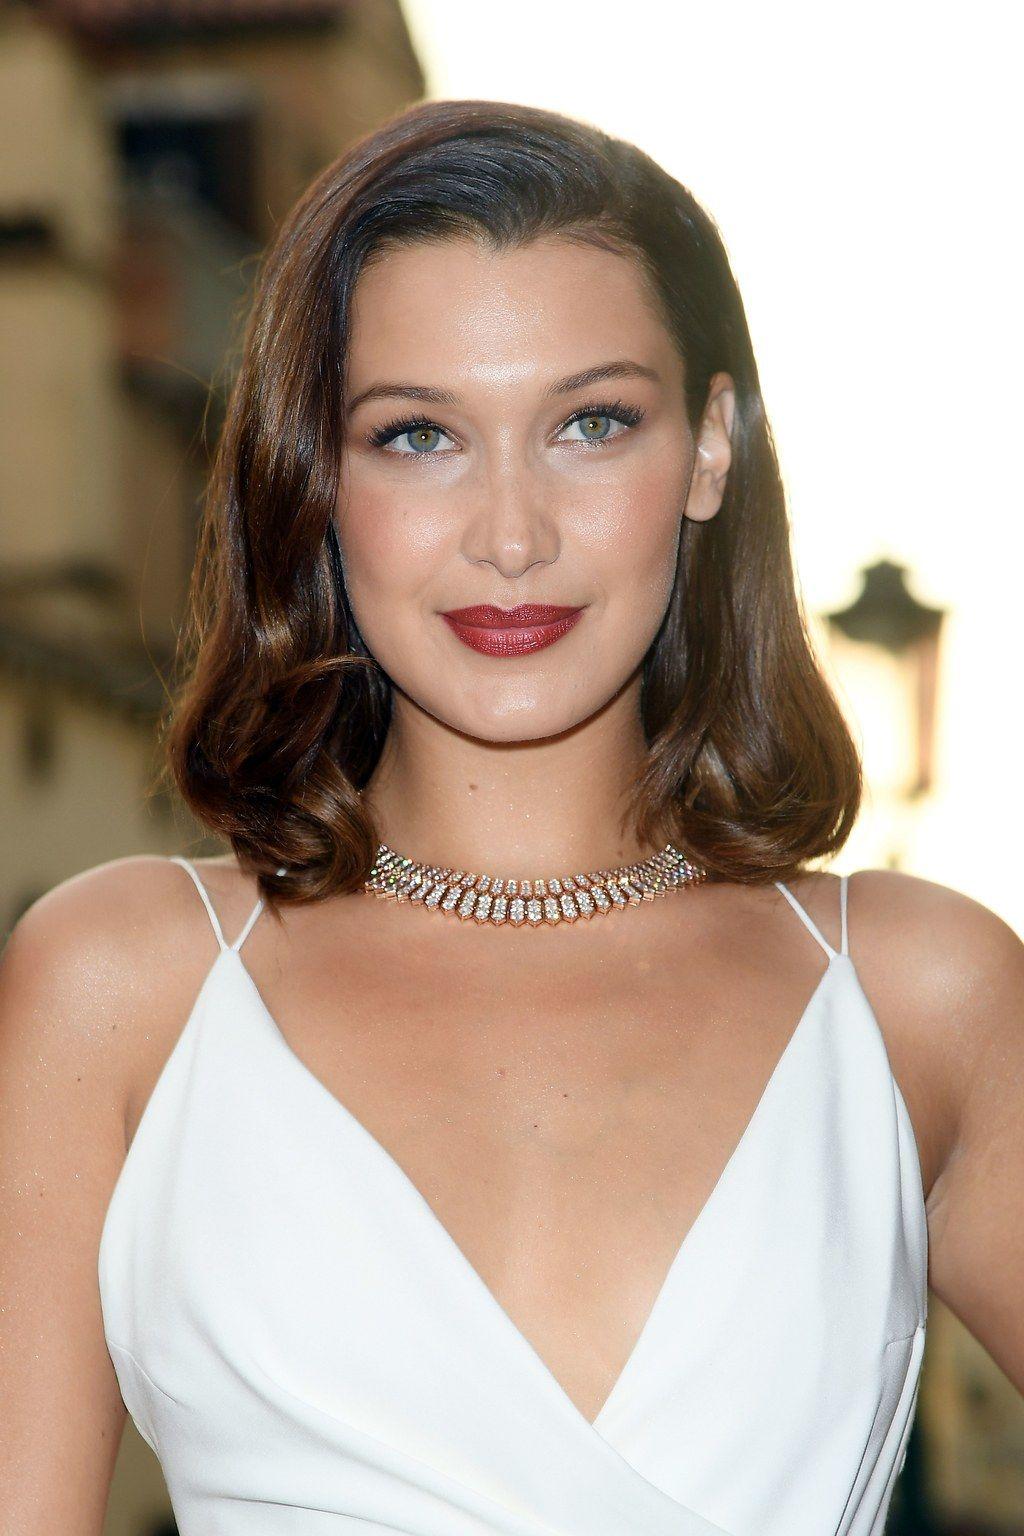 Les 30 Plus Belles Coiffures De Bella Hadid Le Wavy Glamour Pour Une Soiree Belle Coiffure Les Plus Belles Coiffures Coupe Cheveux Visage Ovale